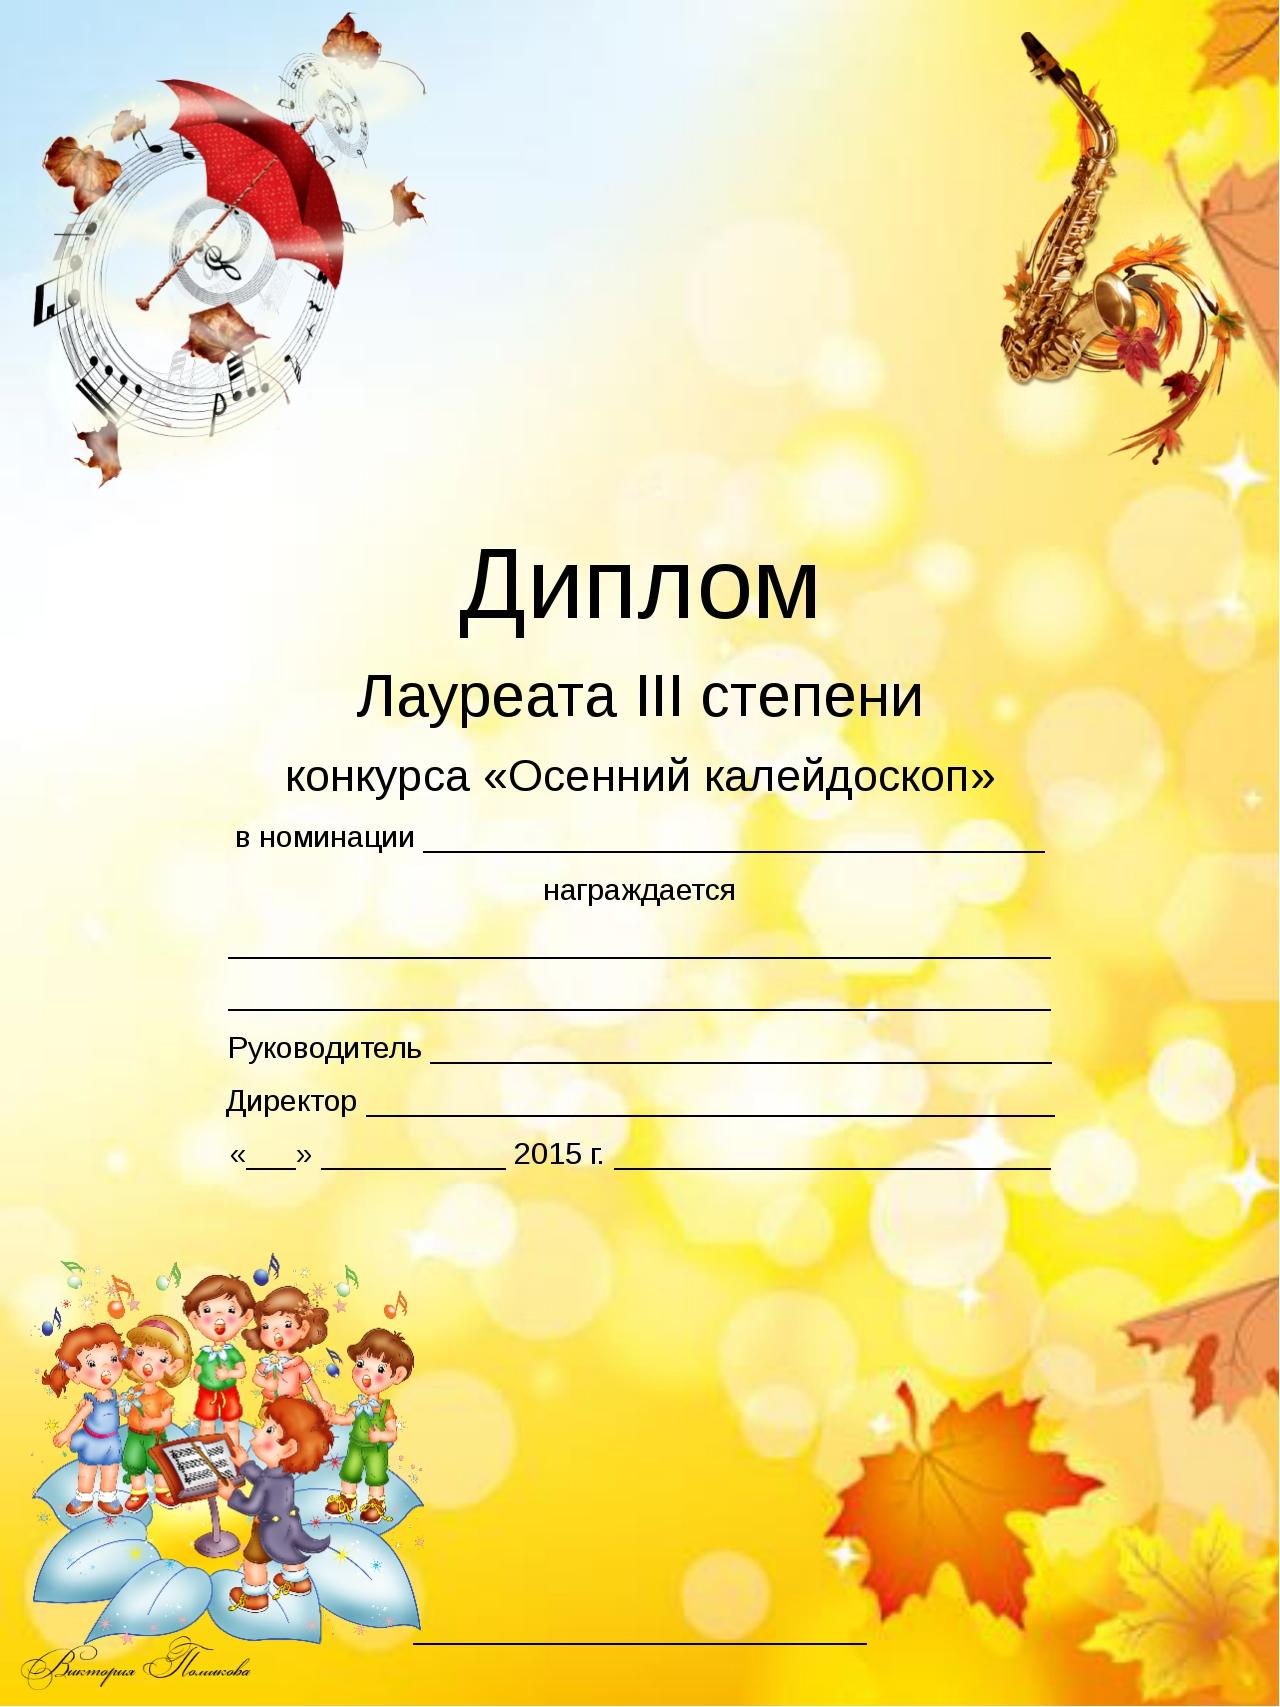 Диплом Лауреата III степени конкурса «Осенний калейдоскоп» в номинации ______...